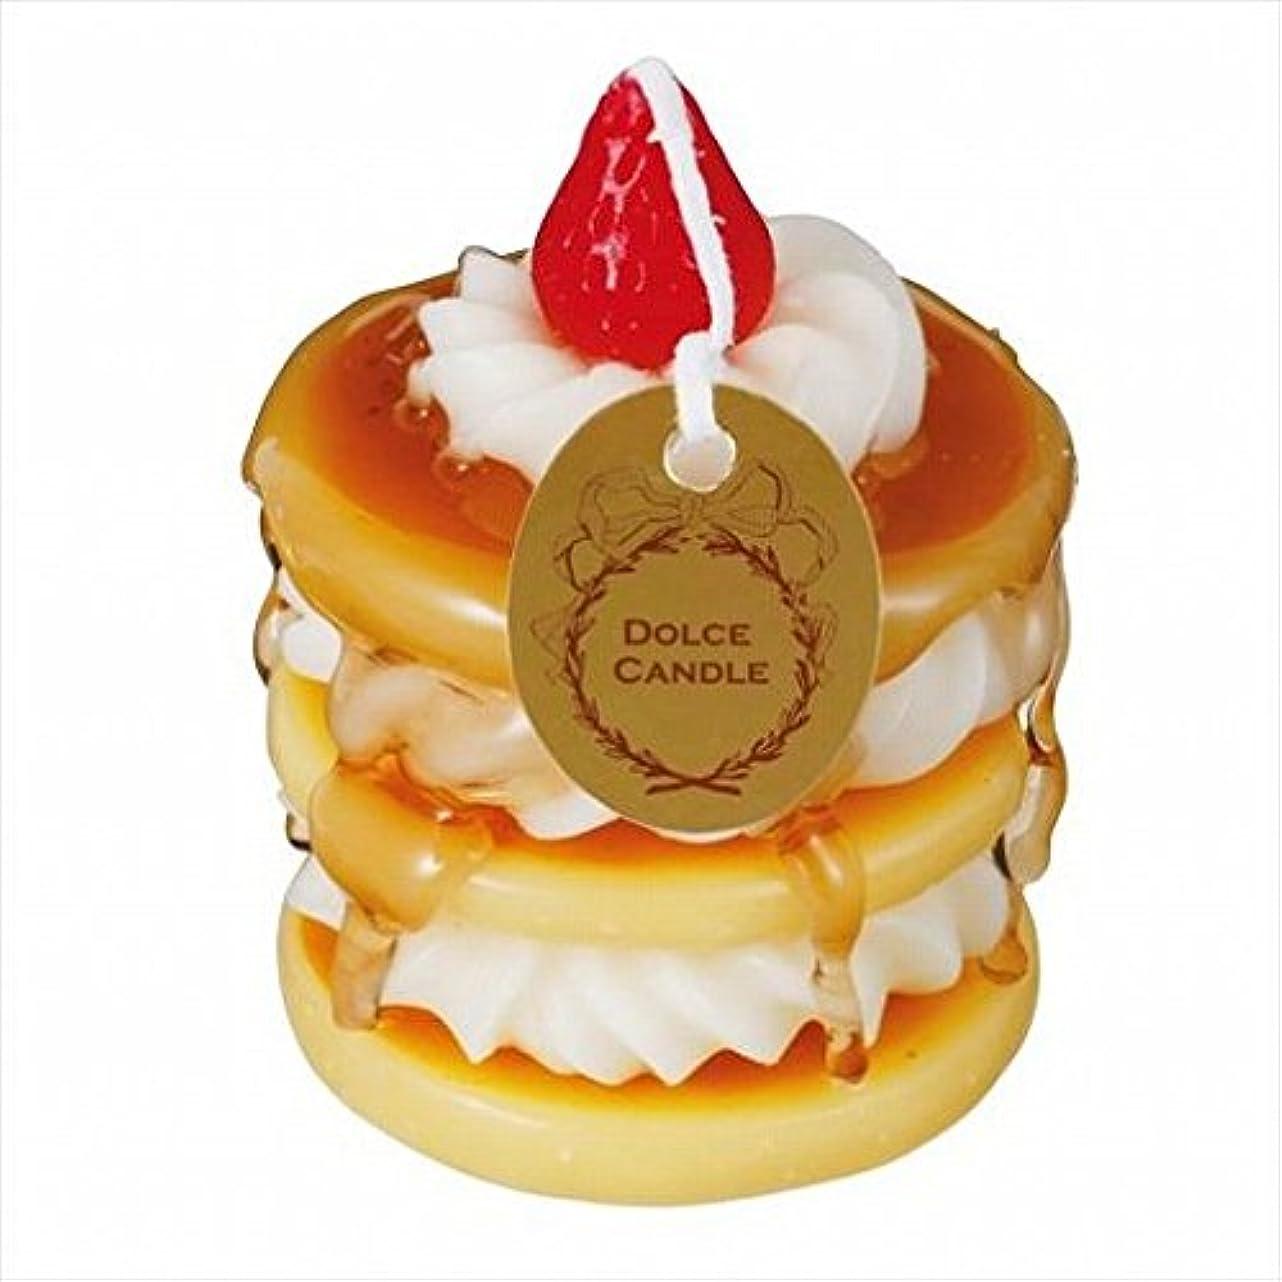 手のひらスキッパー彫刻sweets candle(スイーツキャンドル) ドルチェキャンドル 「 パンケーキ 」 キャンドル 56x56x80mm (A4340550)